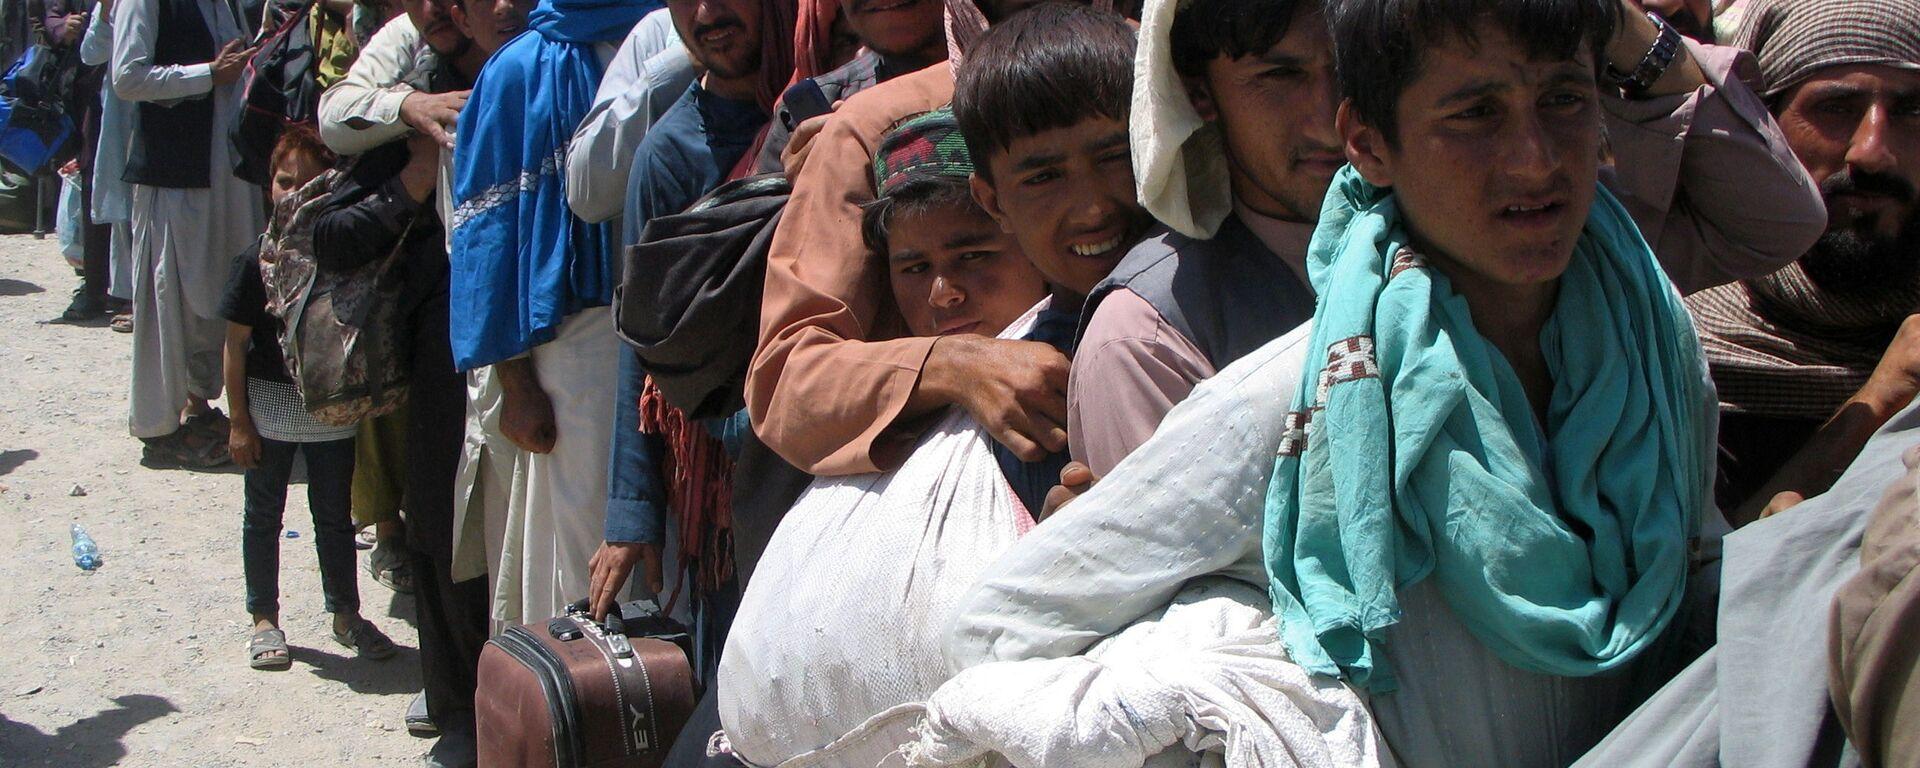 На пропускном пункте «Ворота дружбы» в пакистано-афганском пограничном городе Чаман - Sputnik Узбекистан, 1920, 19.08.2021